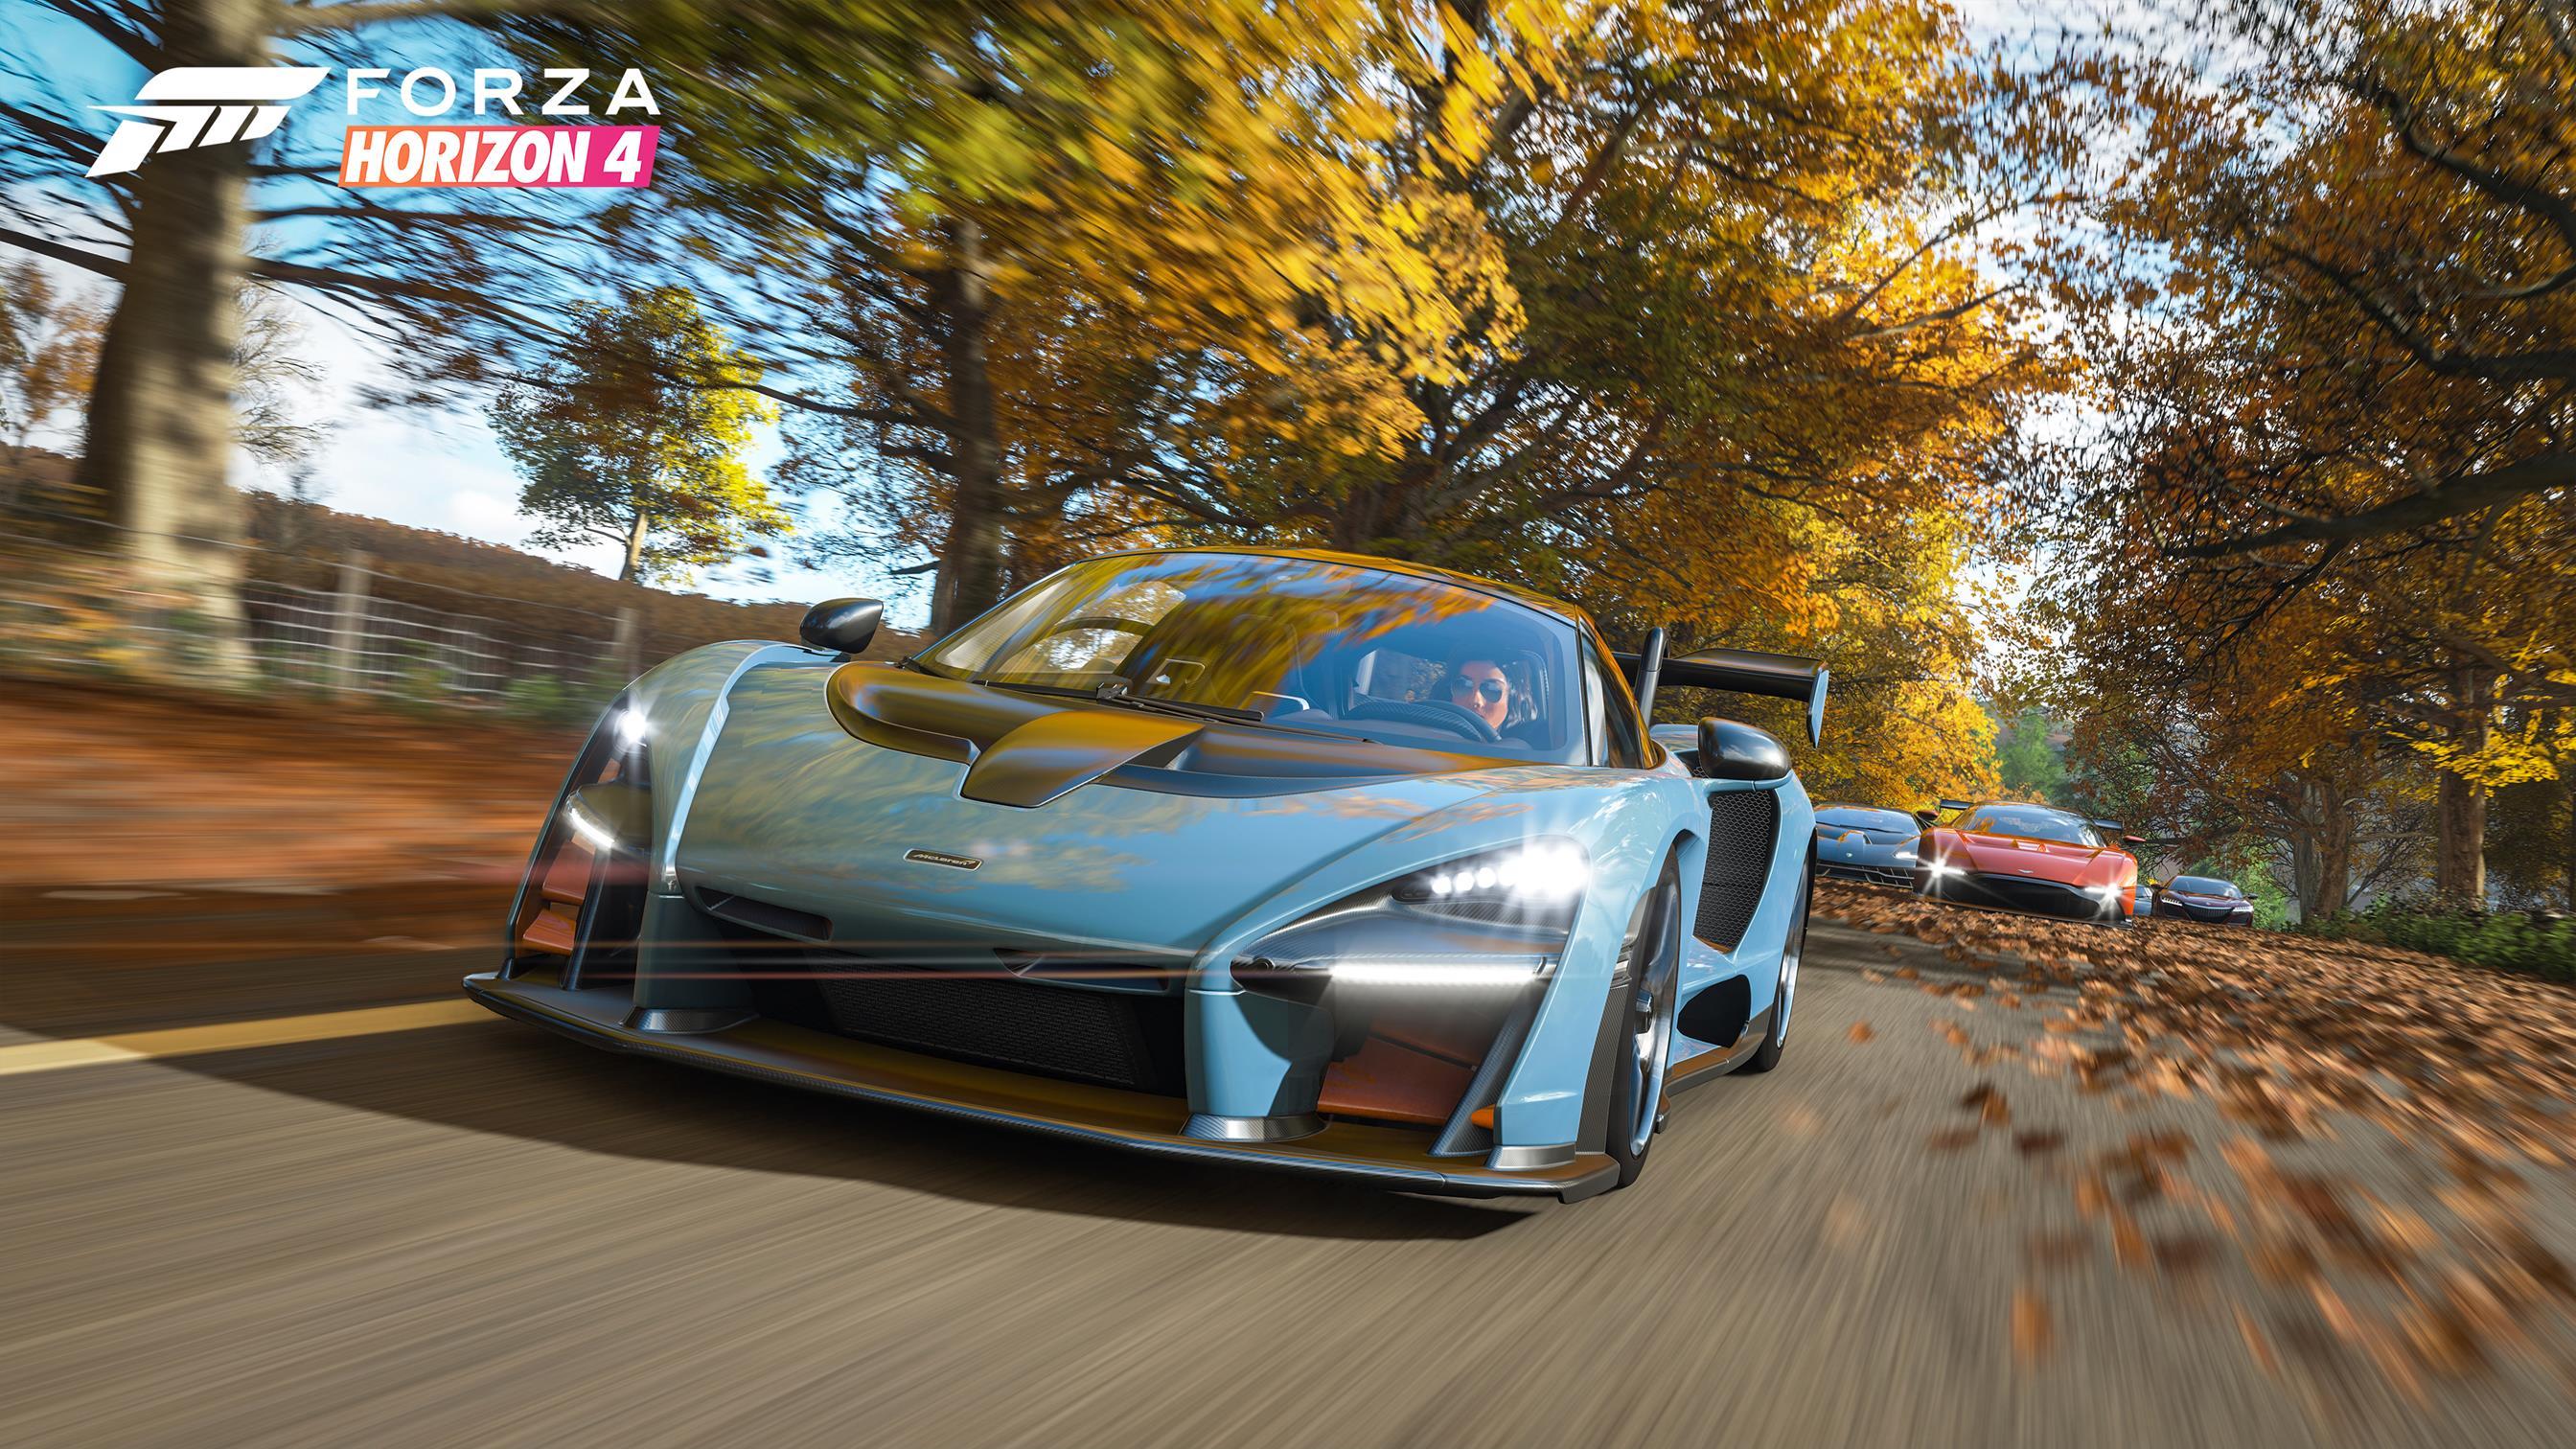 Слухи: события Forza Horizon 5 развернутся в Мексике